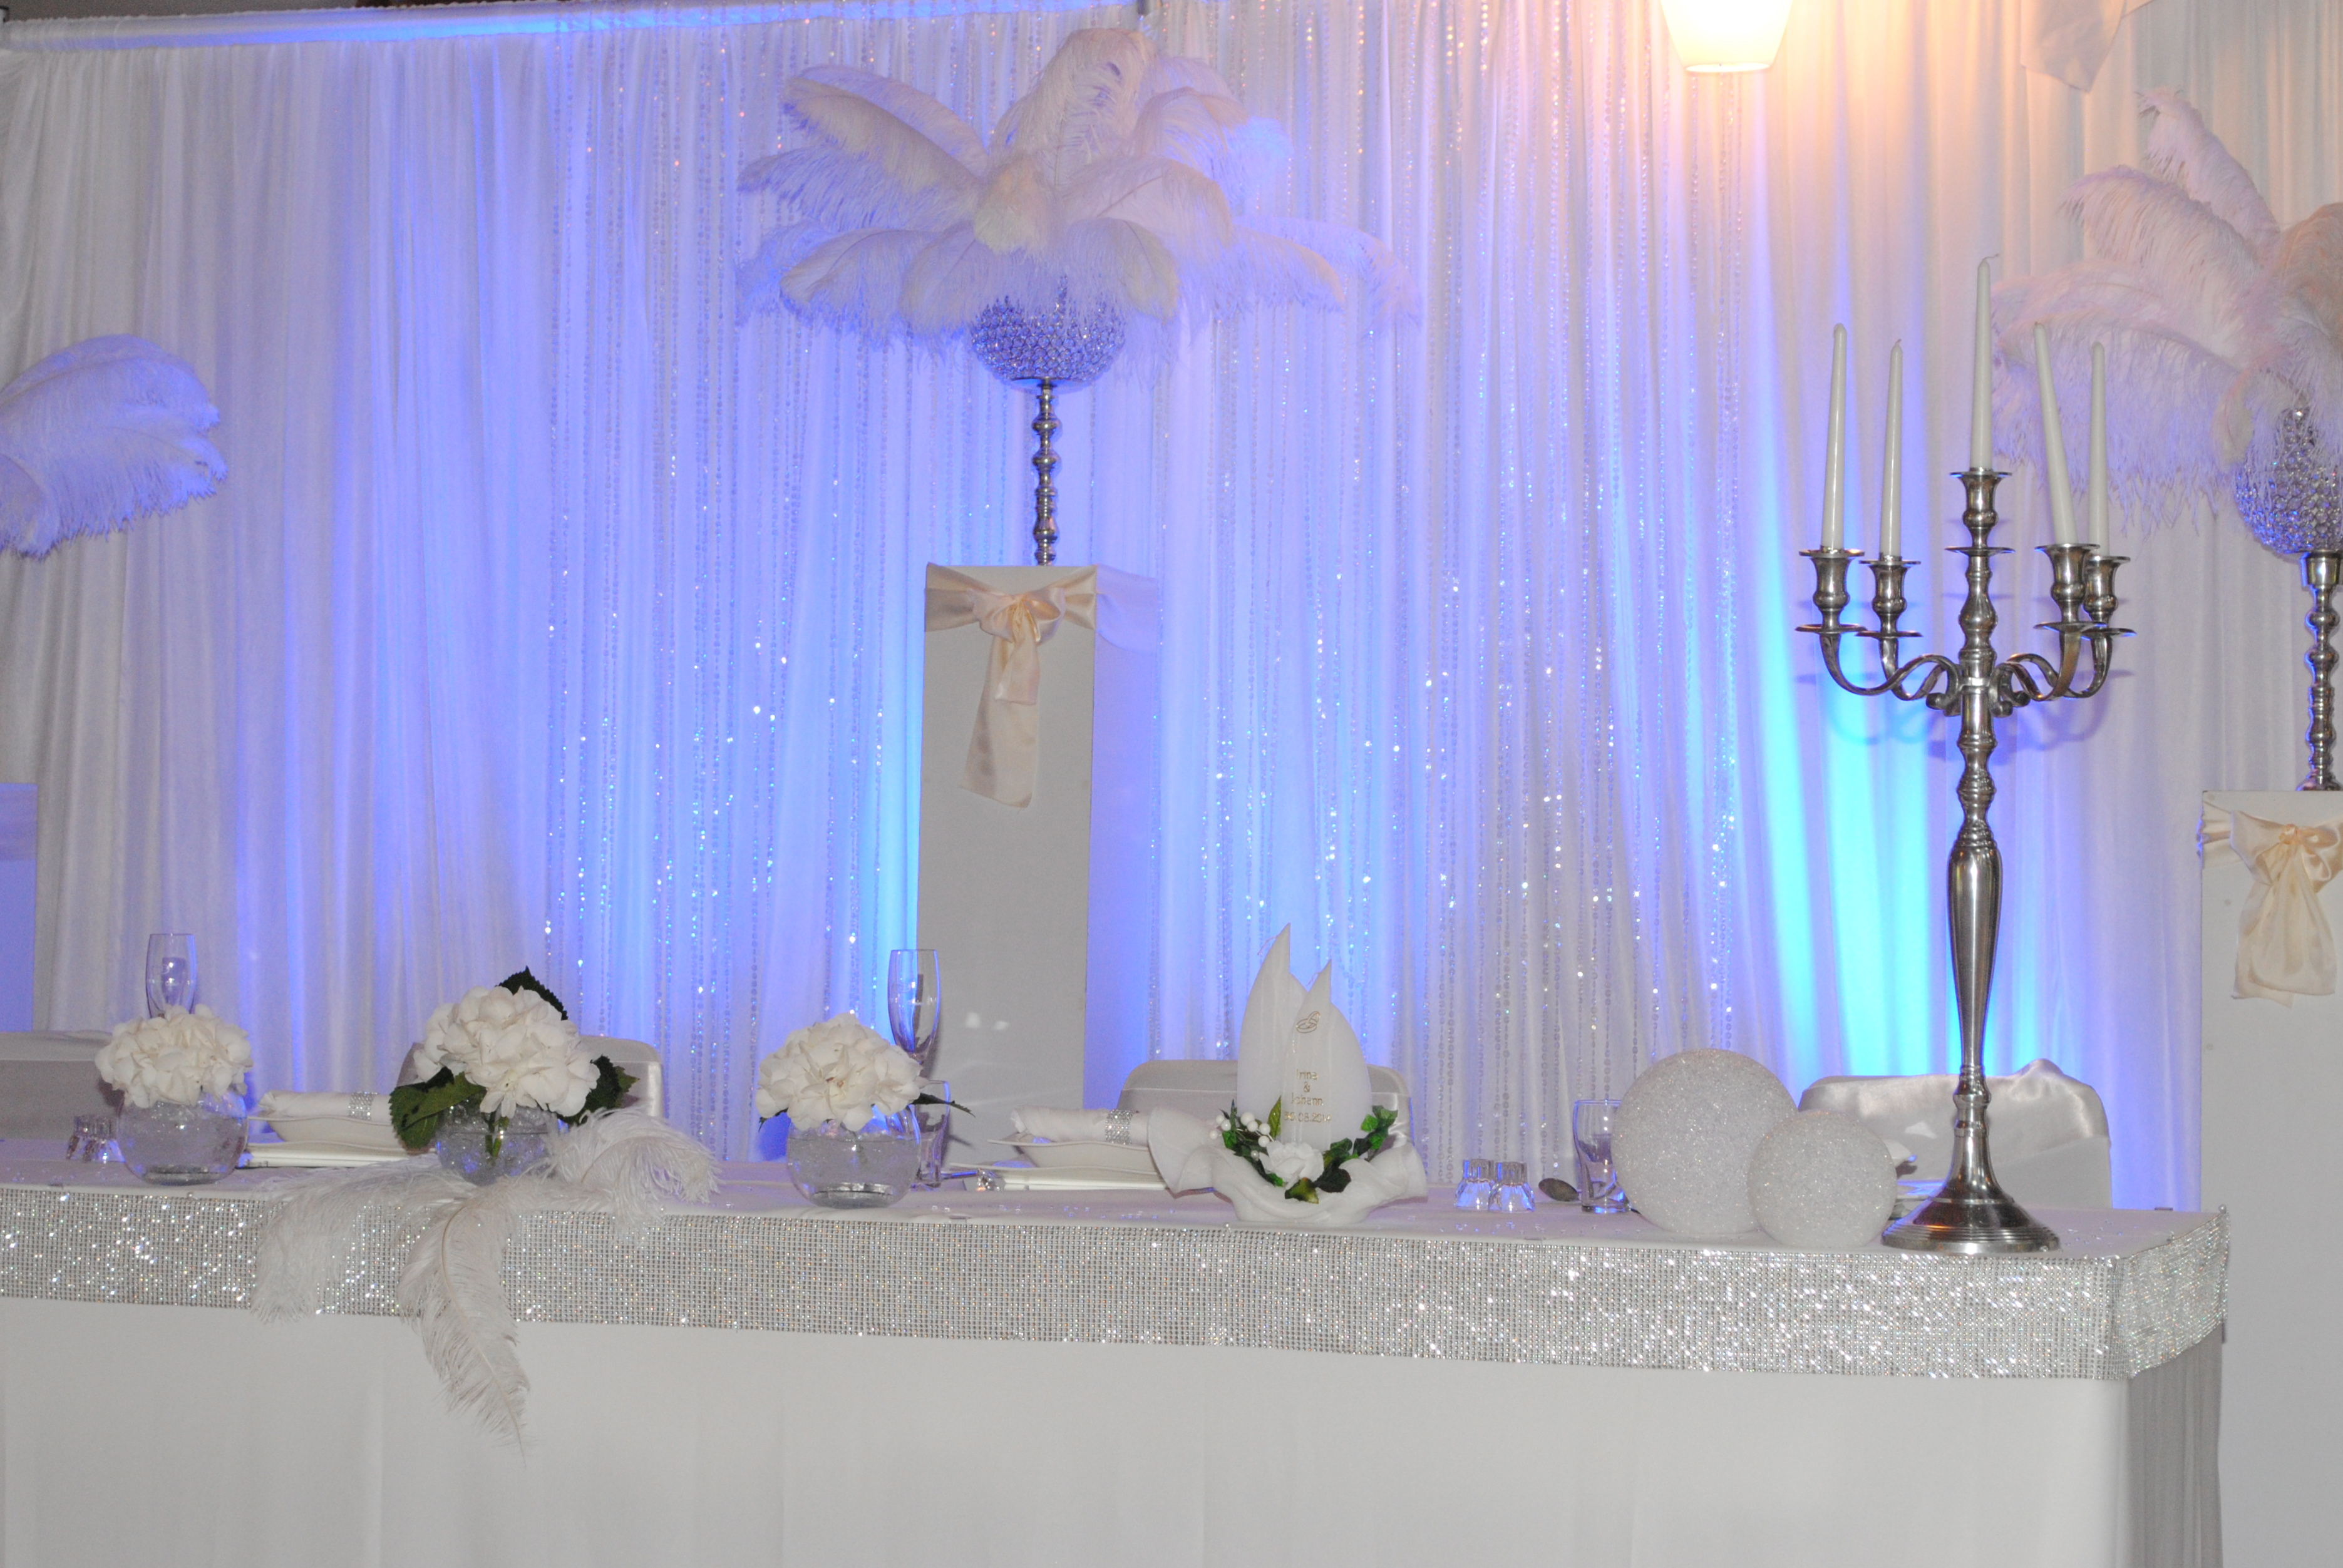 Hochzeitsdeko mieten verleih und dekoration for Verleih und dekoration